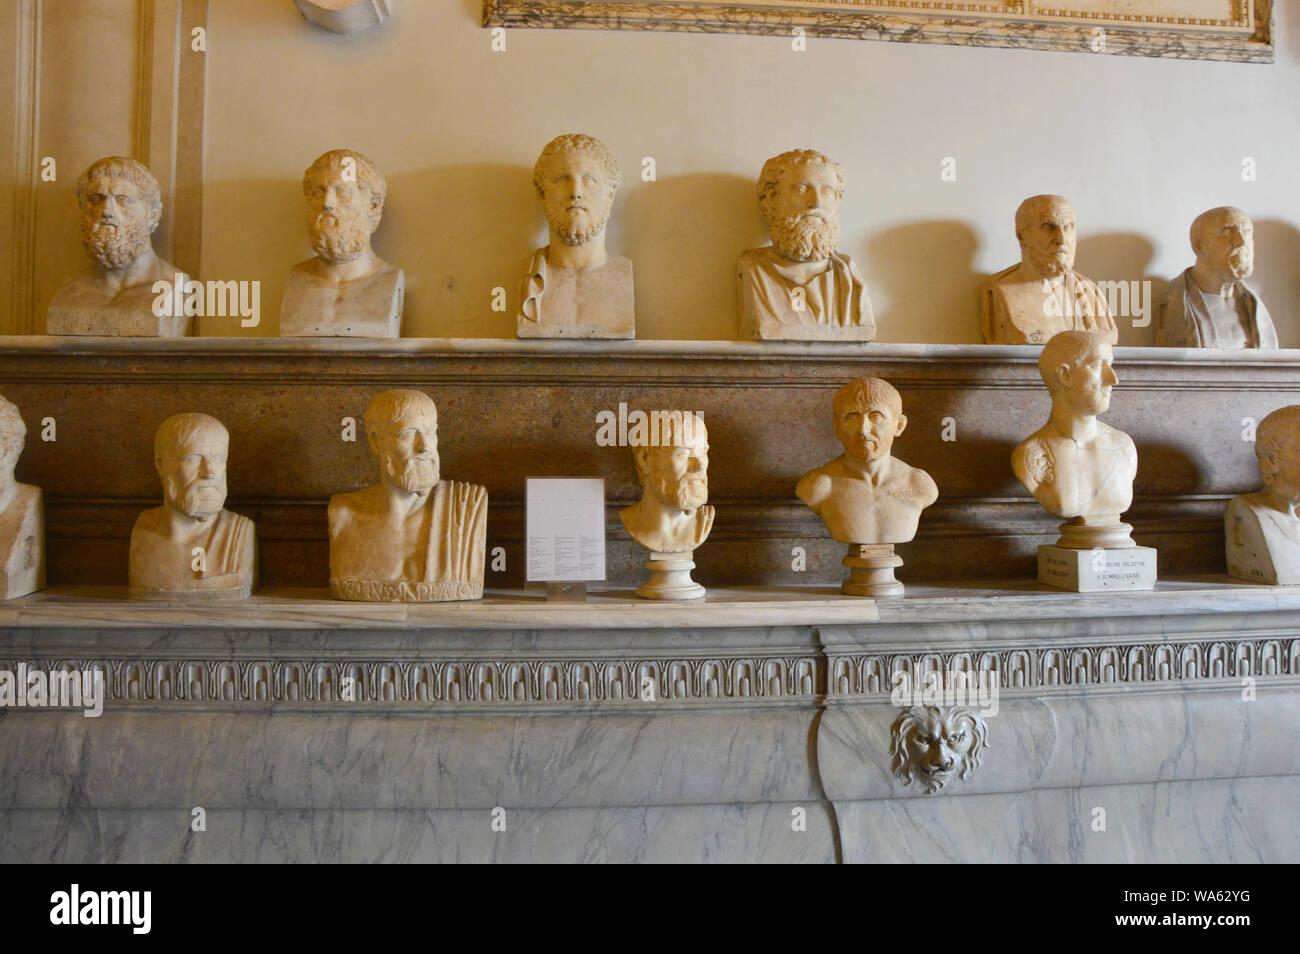 ROME, ITALIE - 6 avril 2016: Salle des Philosophes, Palazzo Nuovo, Musées du Capitole, Rome, Italie Banque D'Images